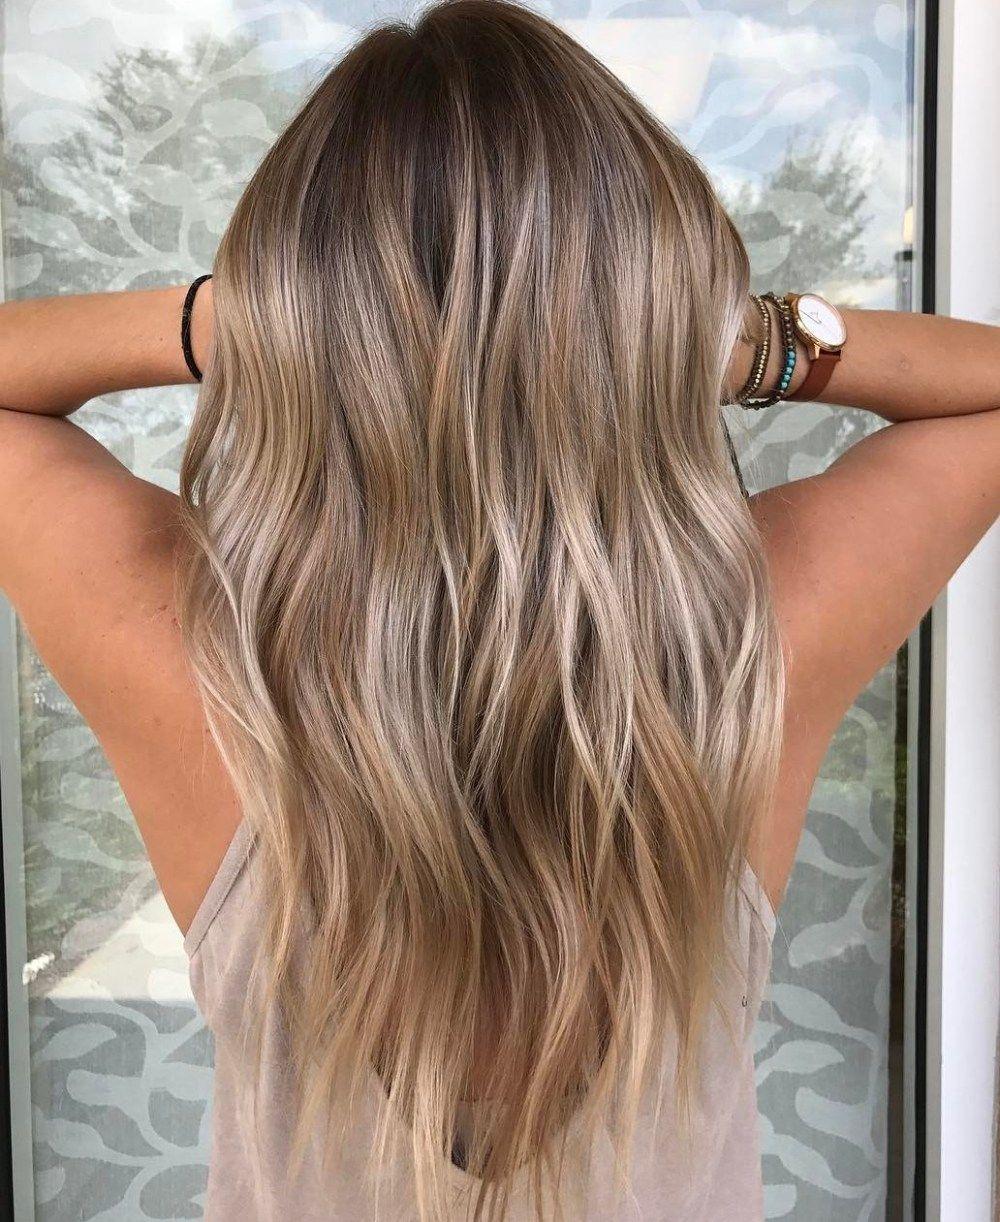 50 Top Haircuts For Long Thin Hair In 2020 Hair Adviser In 2020 Long Thin Hair Thin Hair Haircuts Color Melting Hair